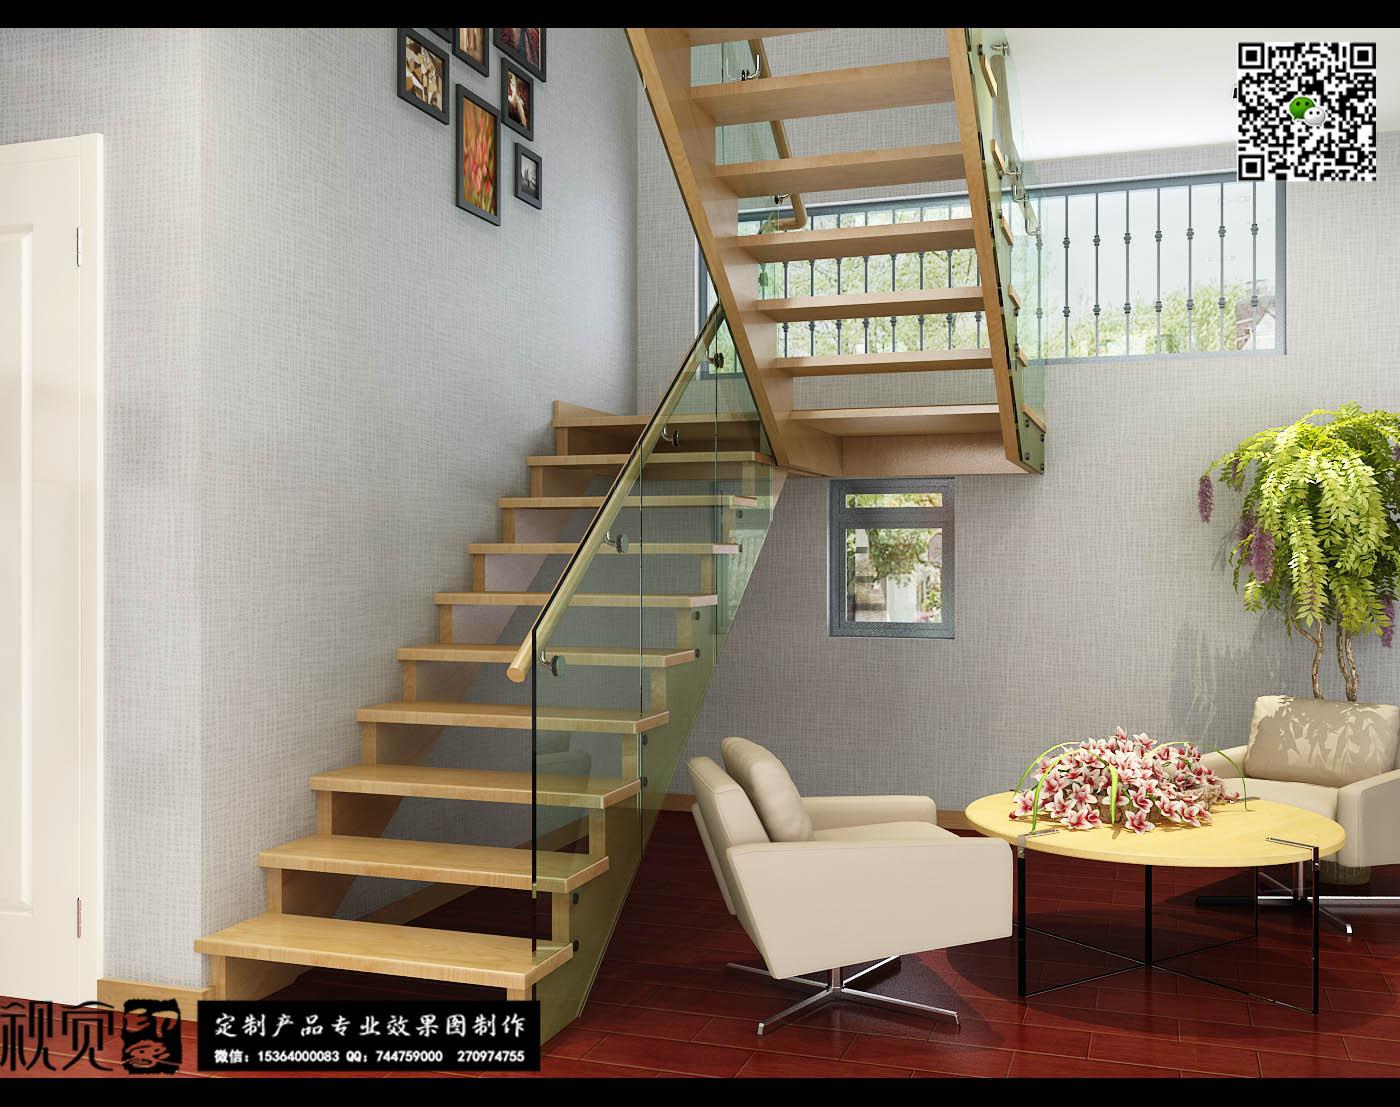 现代简约装修风格的楼梯效果图 ,玻璃护栏加实木踏板